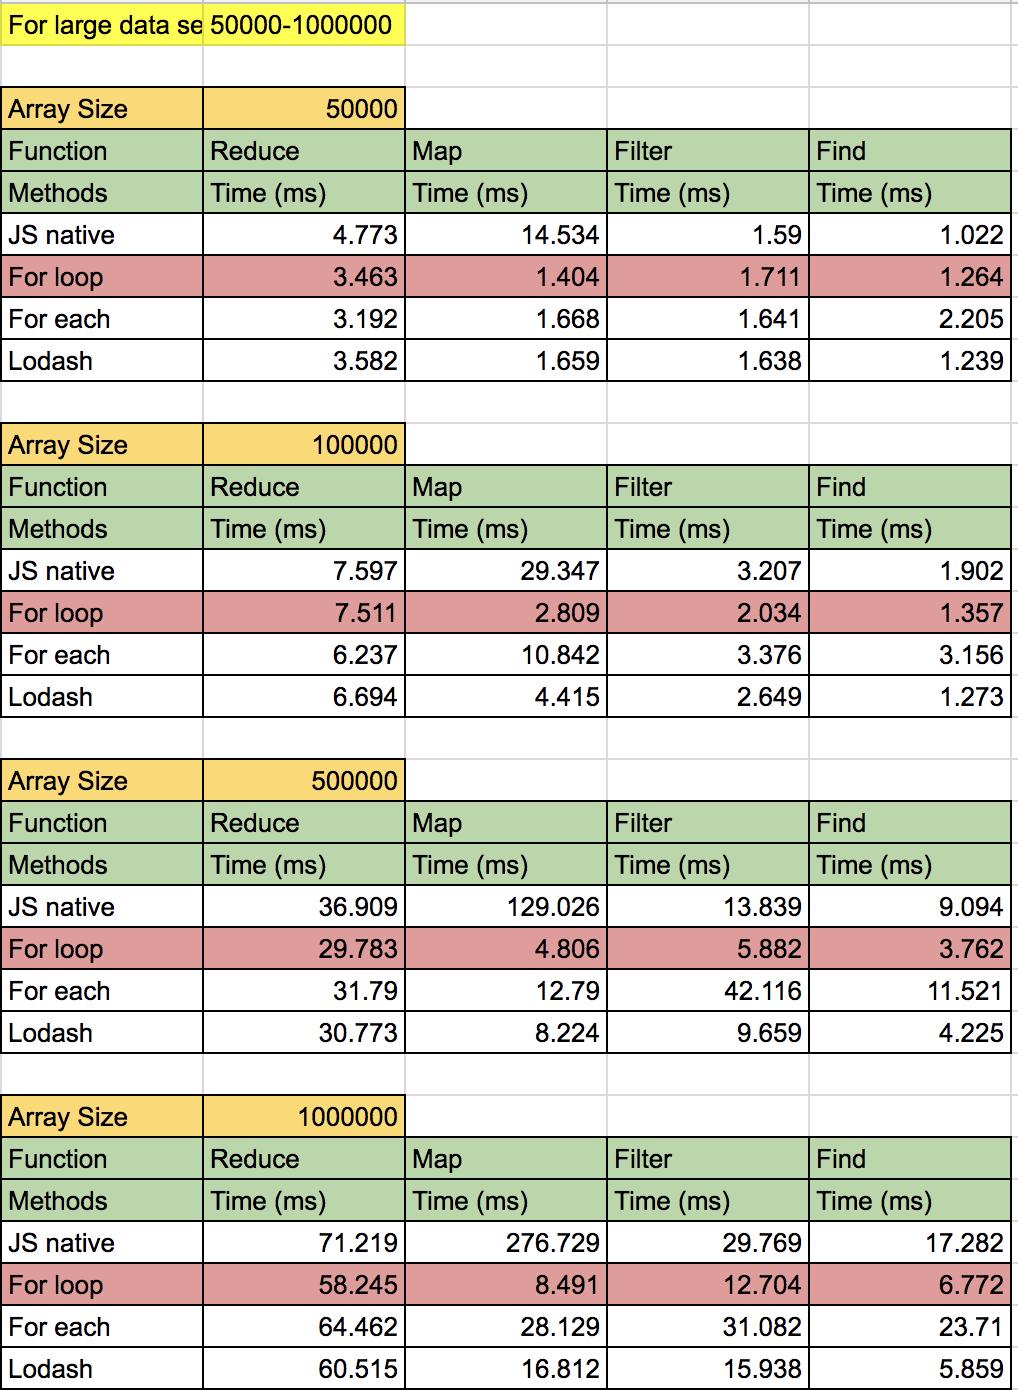 large_data_set_result